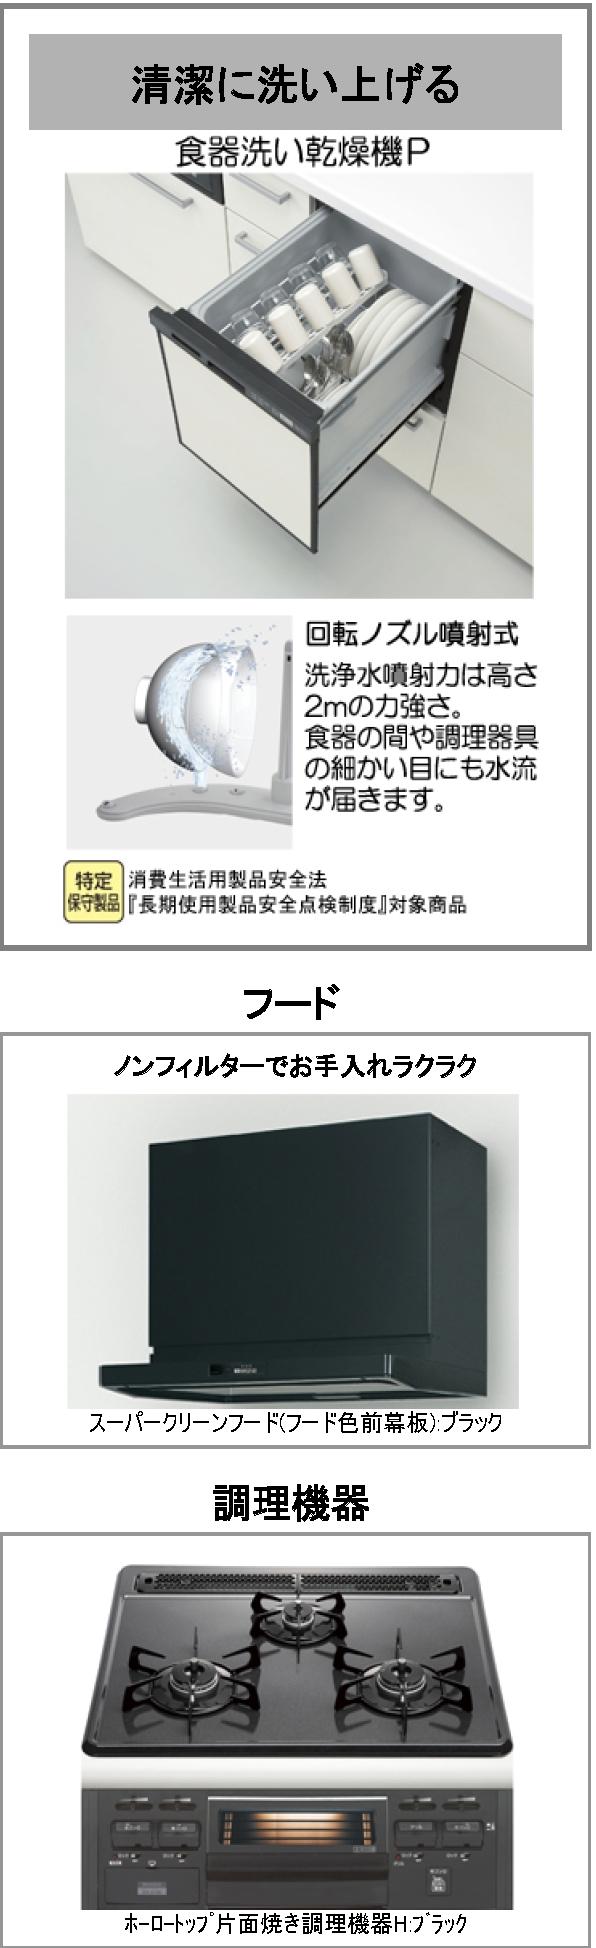 キッチンクラッソ 特長①